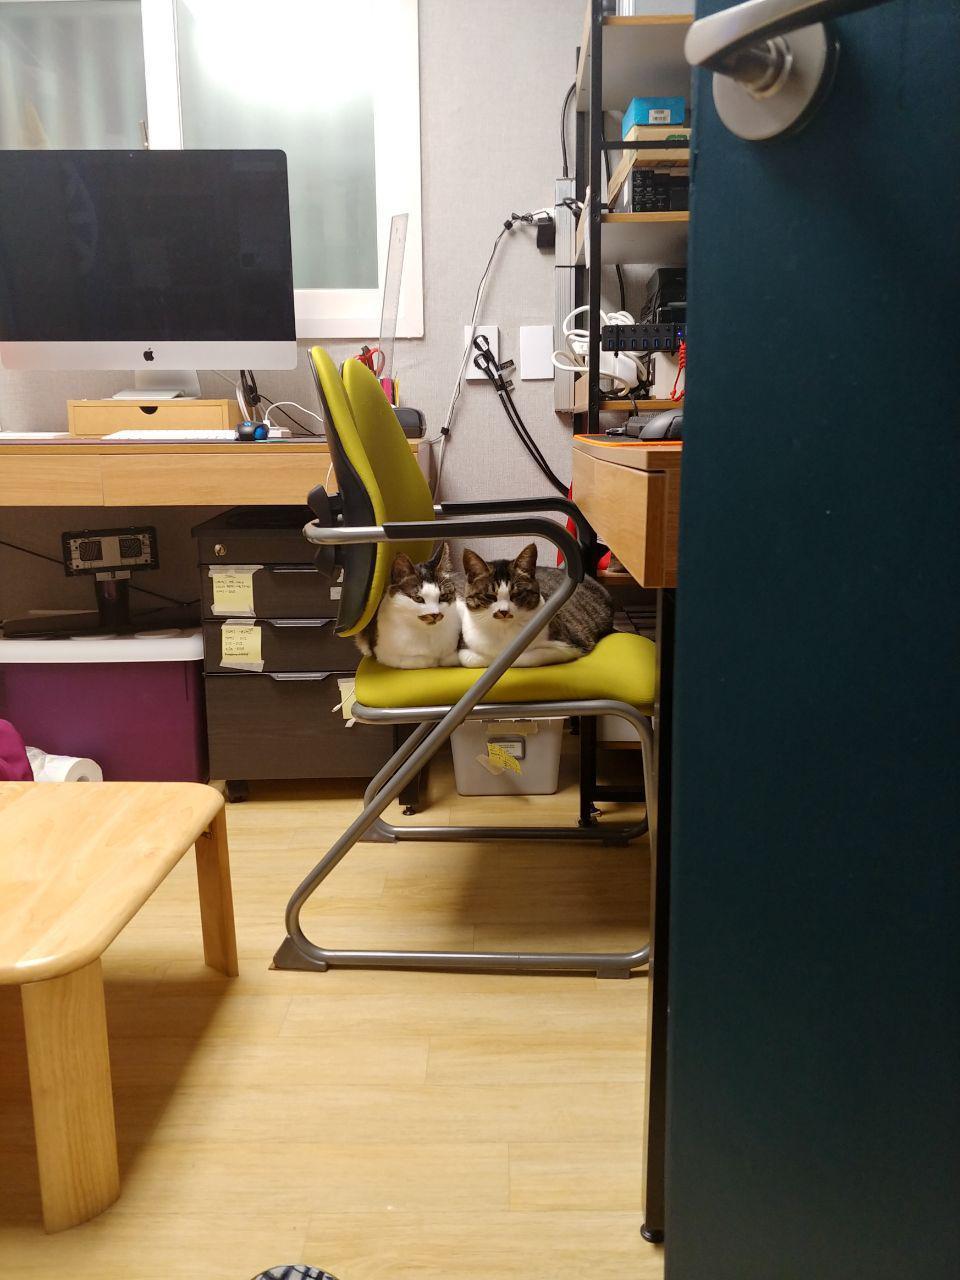 그림 2. 자막을 넣을 수 있는 컴퓨터가 있는 사무실의 공간이다. 왼편에 한 대의 컴퓨터, 그리고 오른편에는 문으로 가려졌지만 또 한 대의 컴퓨터가 있다. 오른 쪽 컴퓨터 의자 위에 고양이 옥희와 누나가 사이좋게 카메라를 향해 앉아 있다. 자막을 입히는 활동가가 없을 땐 이렇게 종종 의자 위에 올라가 있는 모습을 포착할 수 있다.